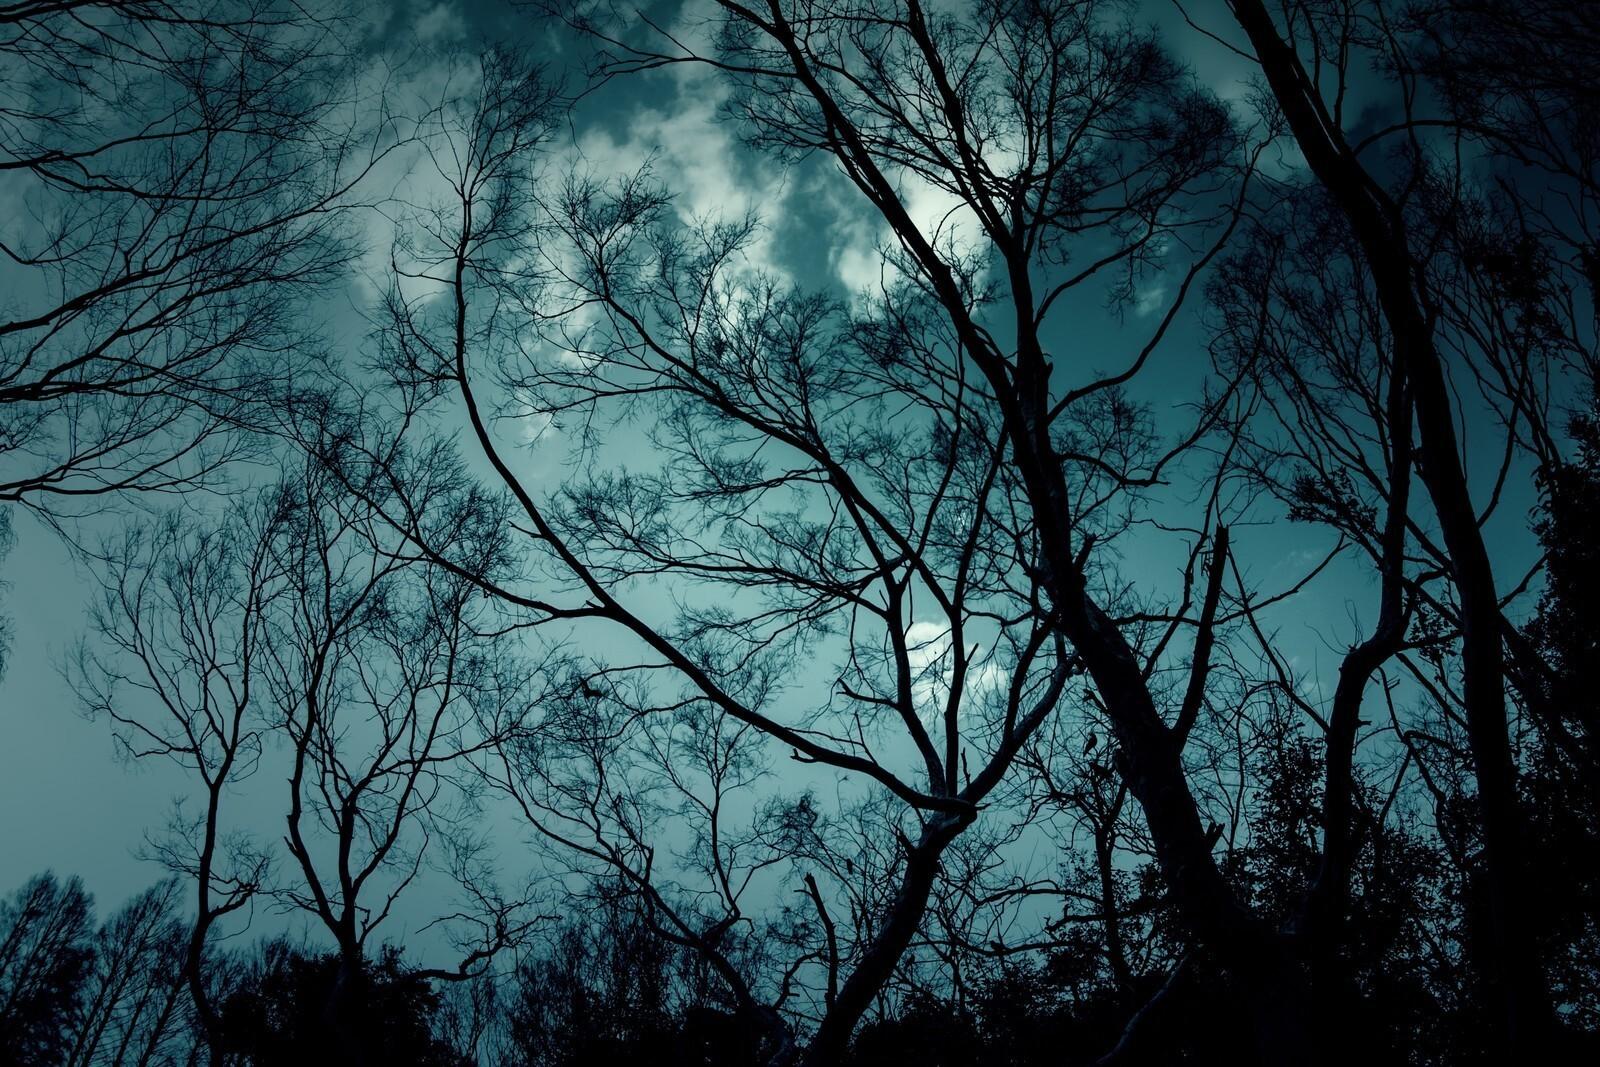 魔物が現れそうな不気味な森